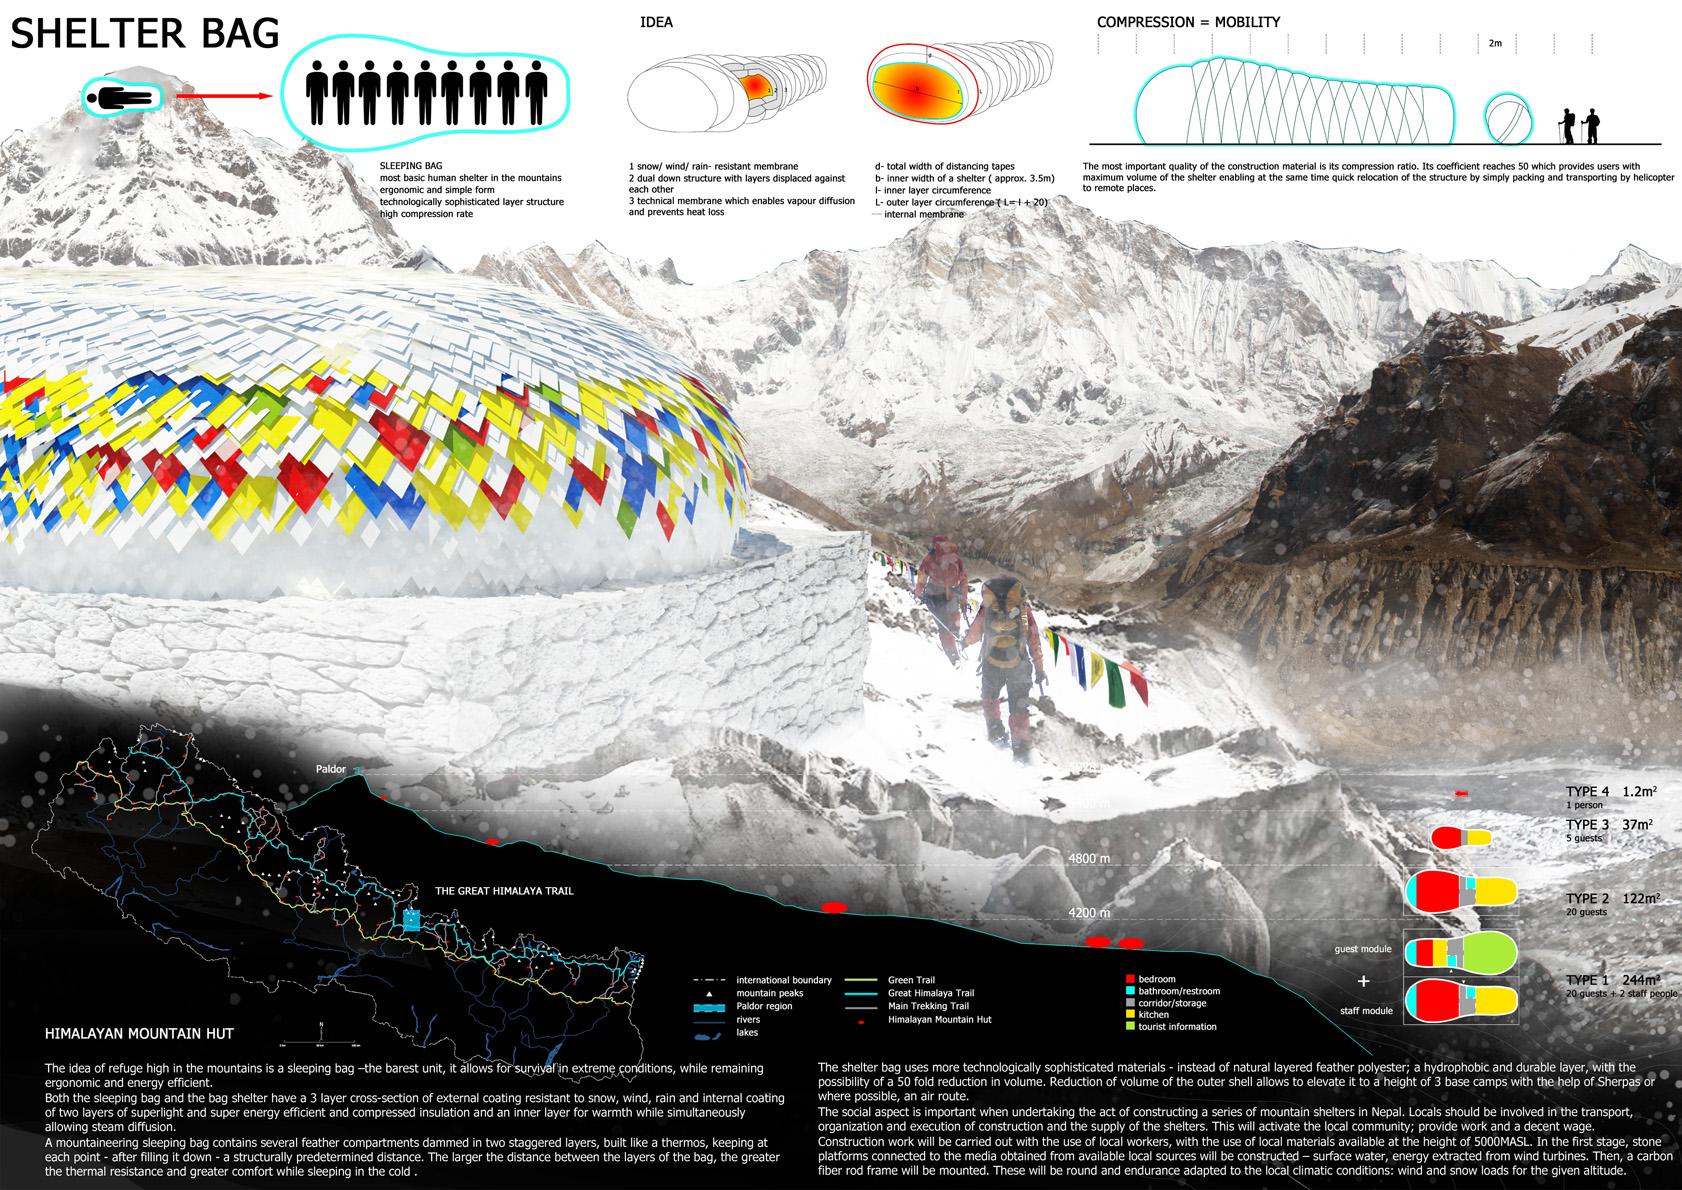 Himalayan Mountain Hut